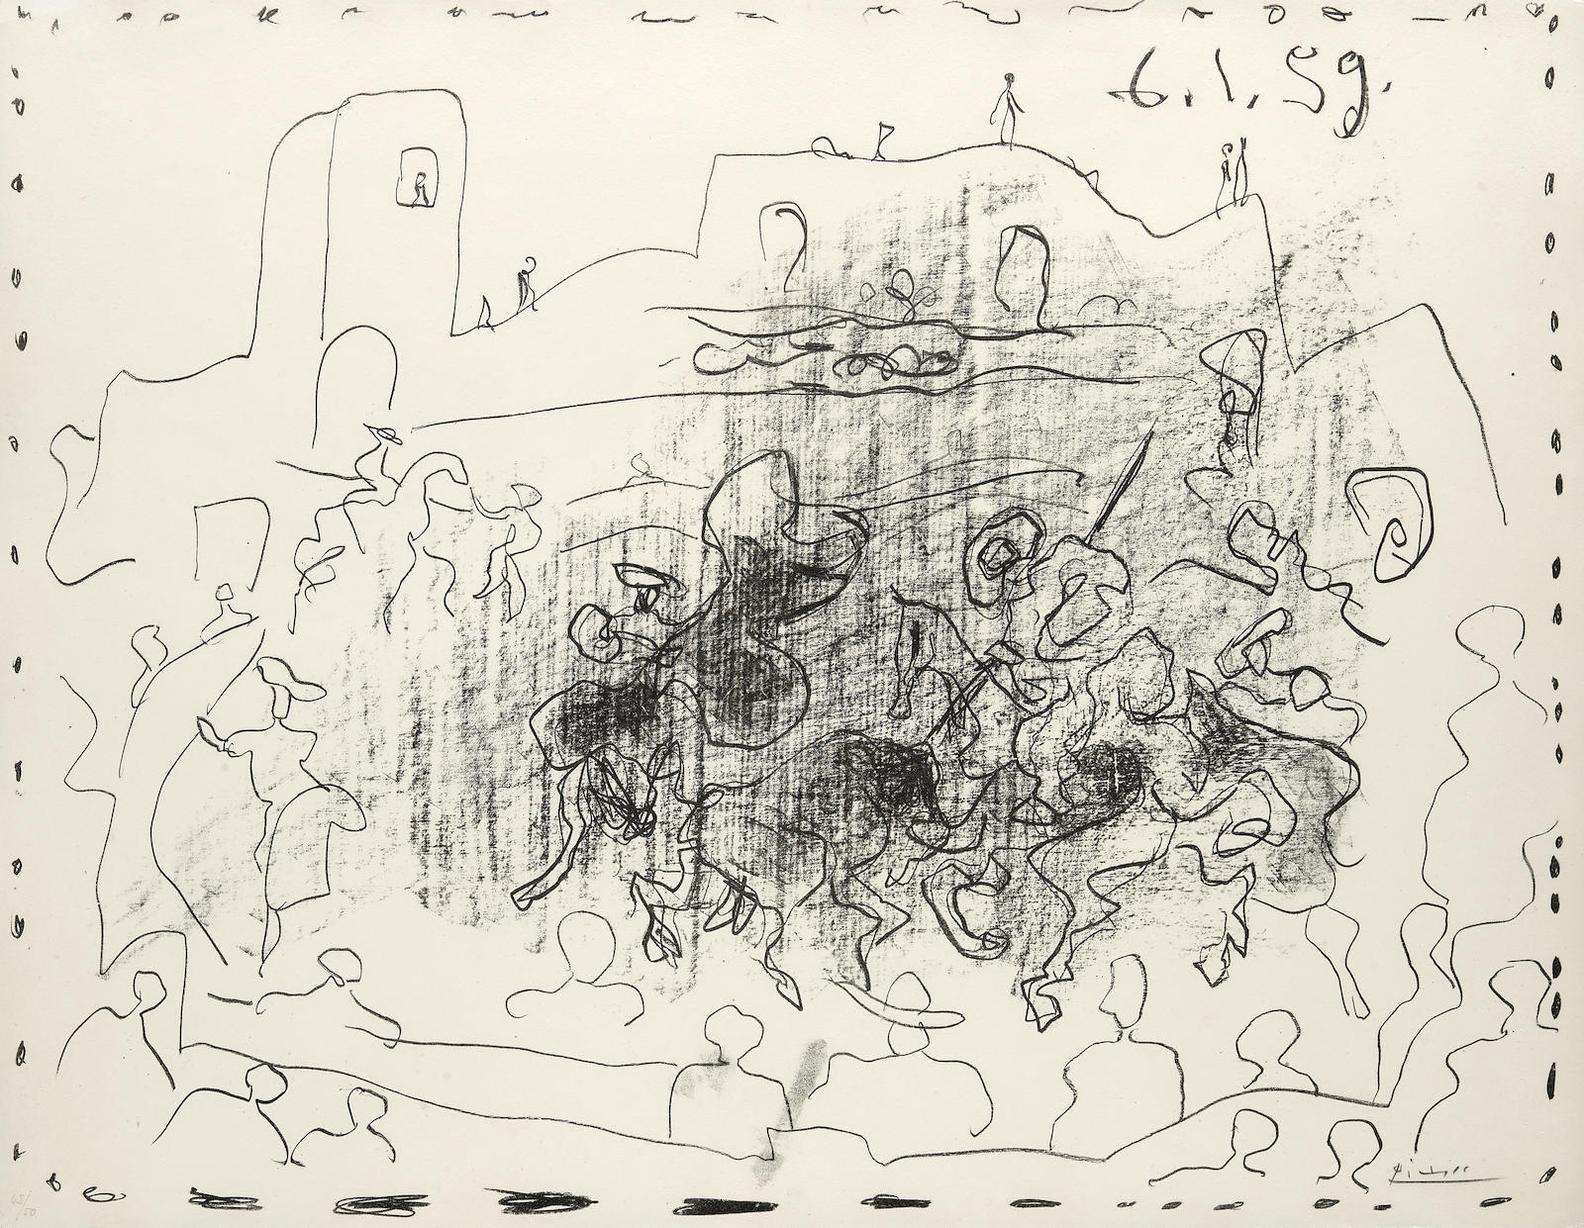 Pablo Picasso-La Pique (B. 868, M. 315)-1959